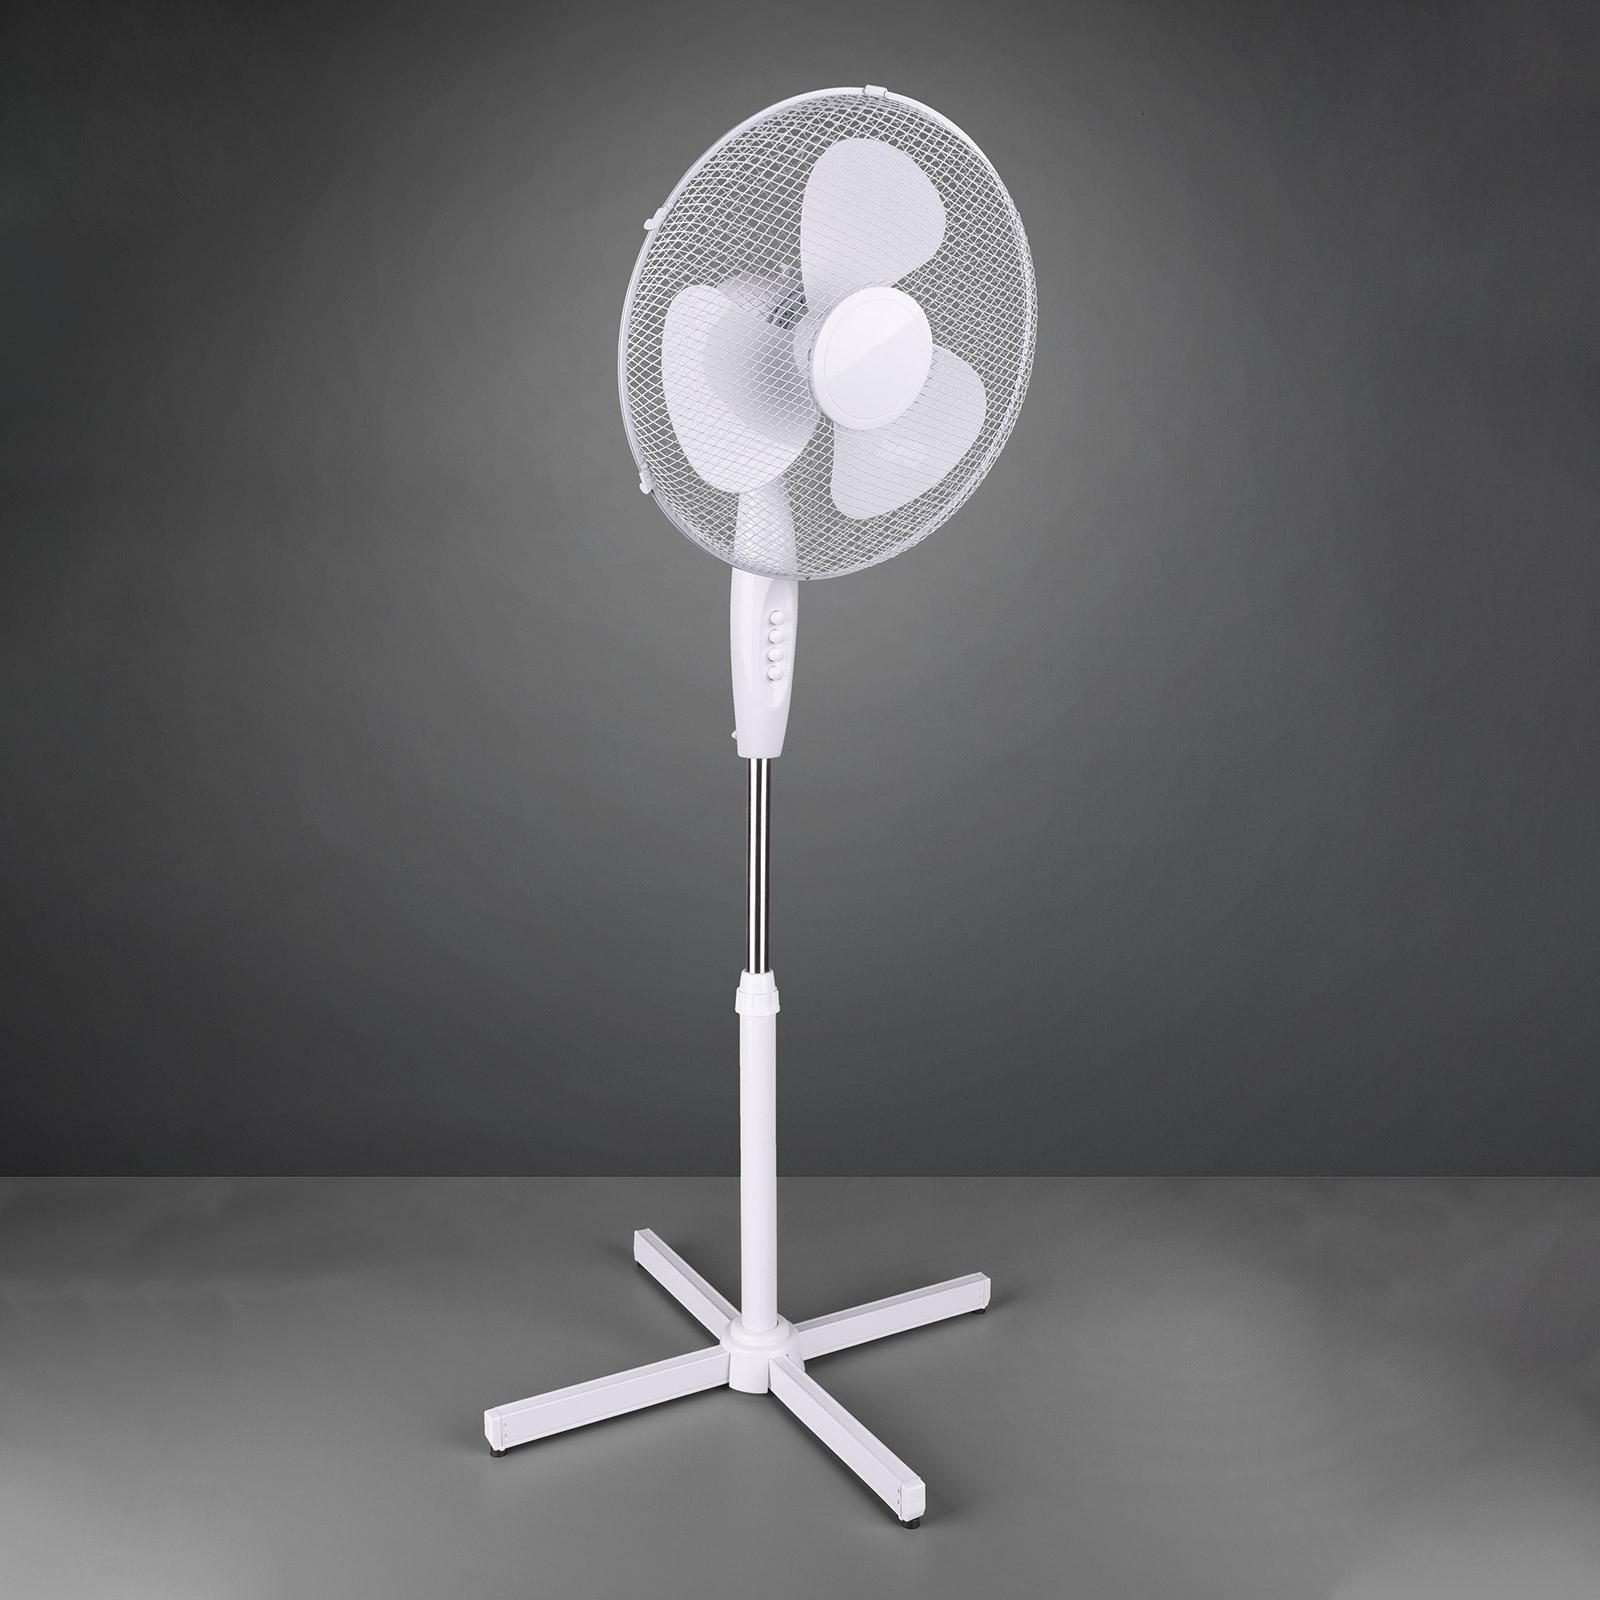 Staande ventilator Bergen, hoogteverstelbaar, wit